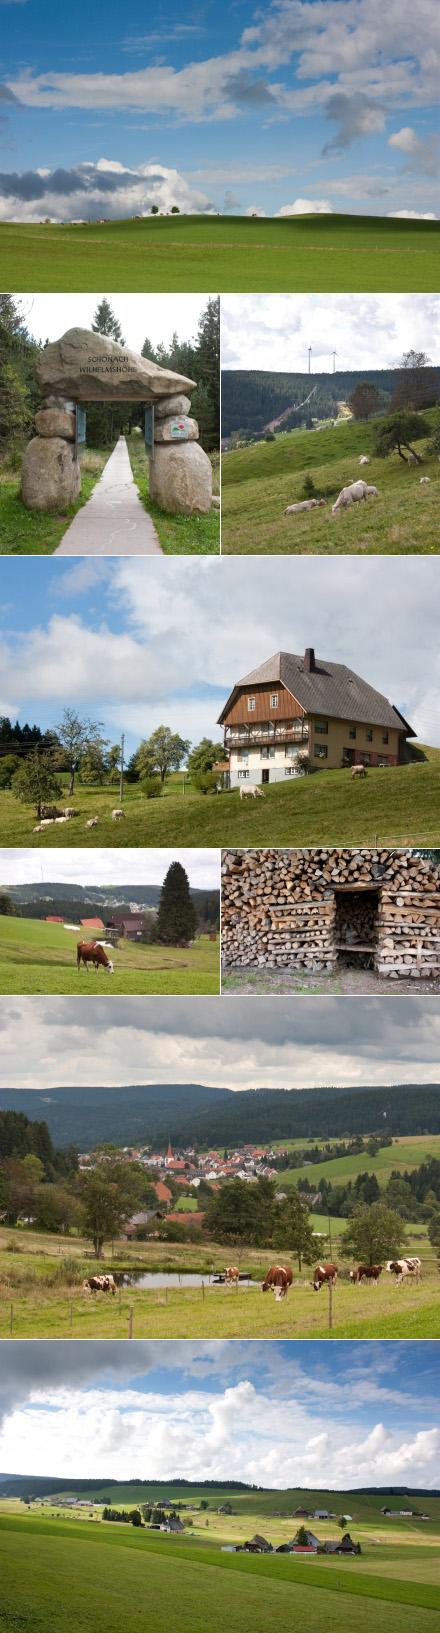 schwarzwald_landschaft